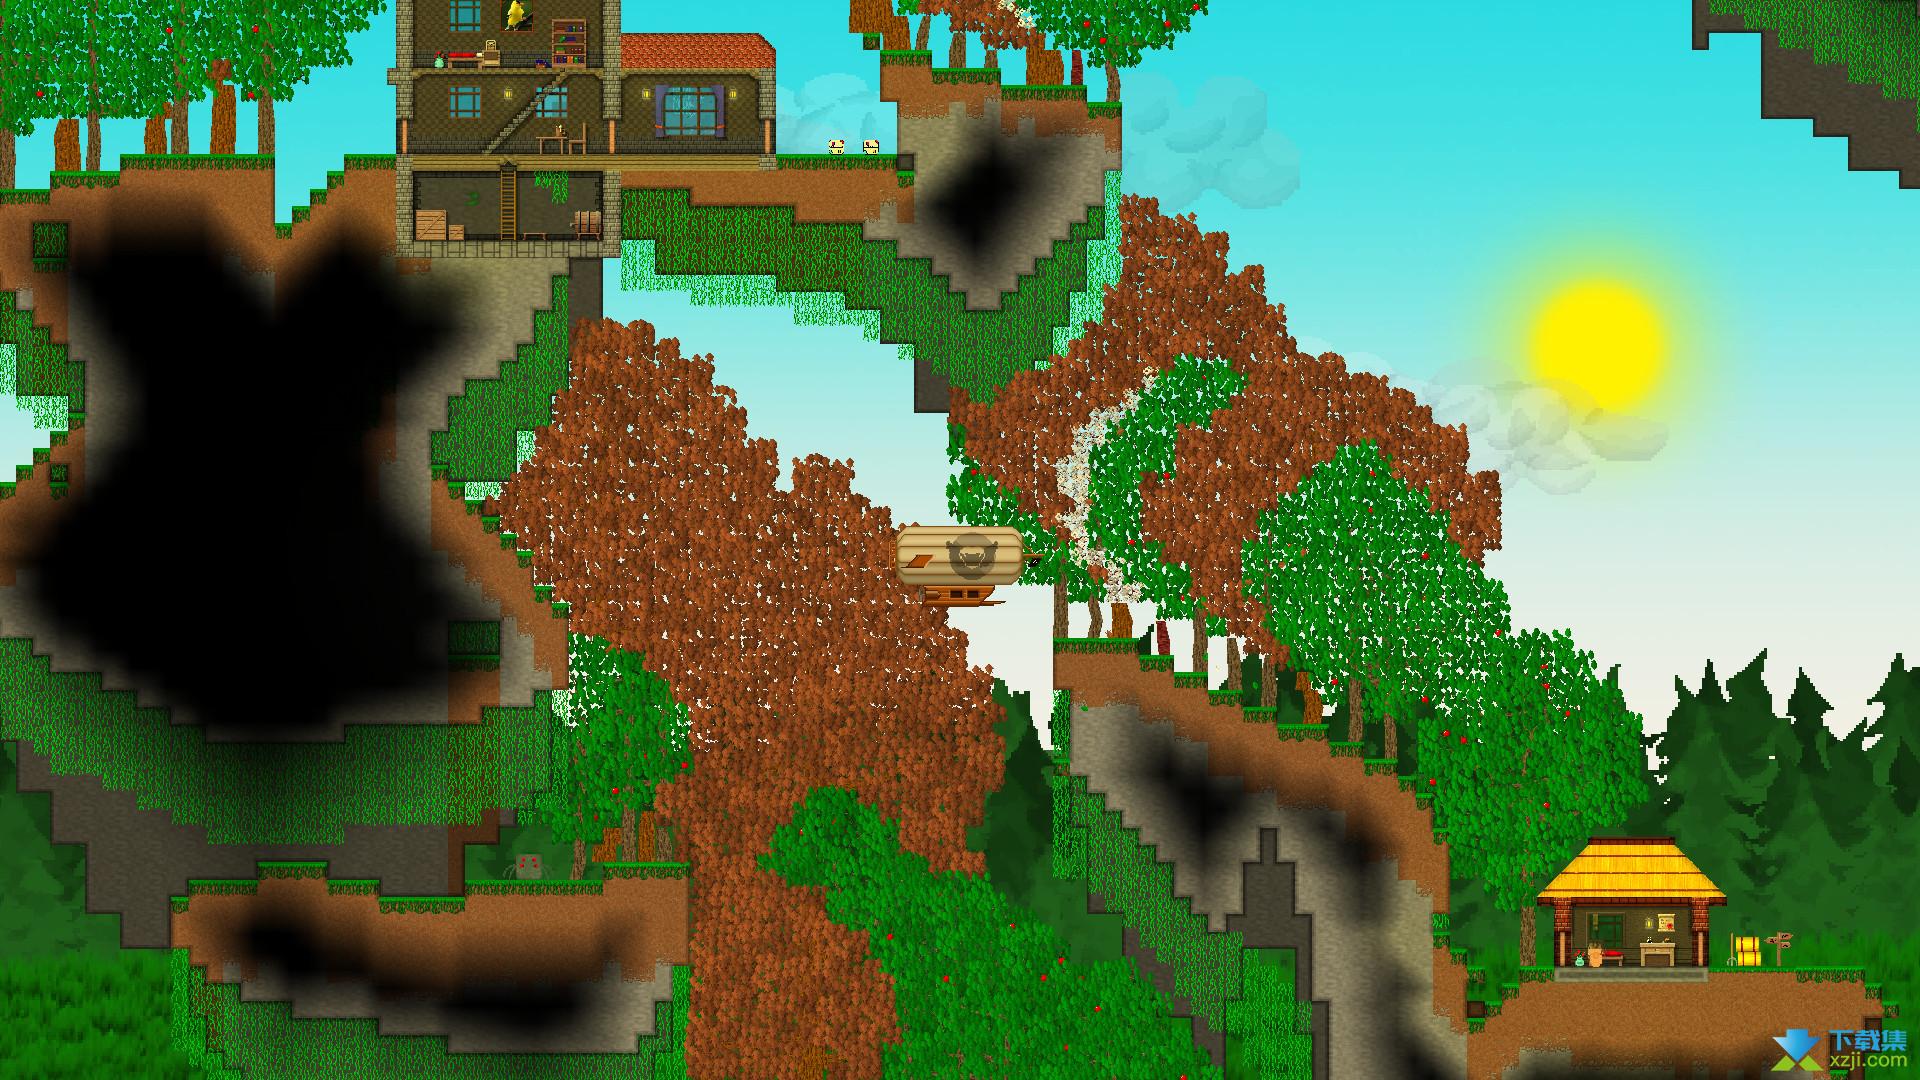 非像素方块世界界面3